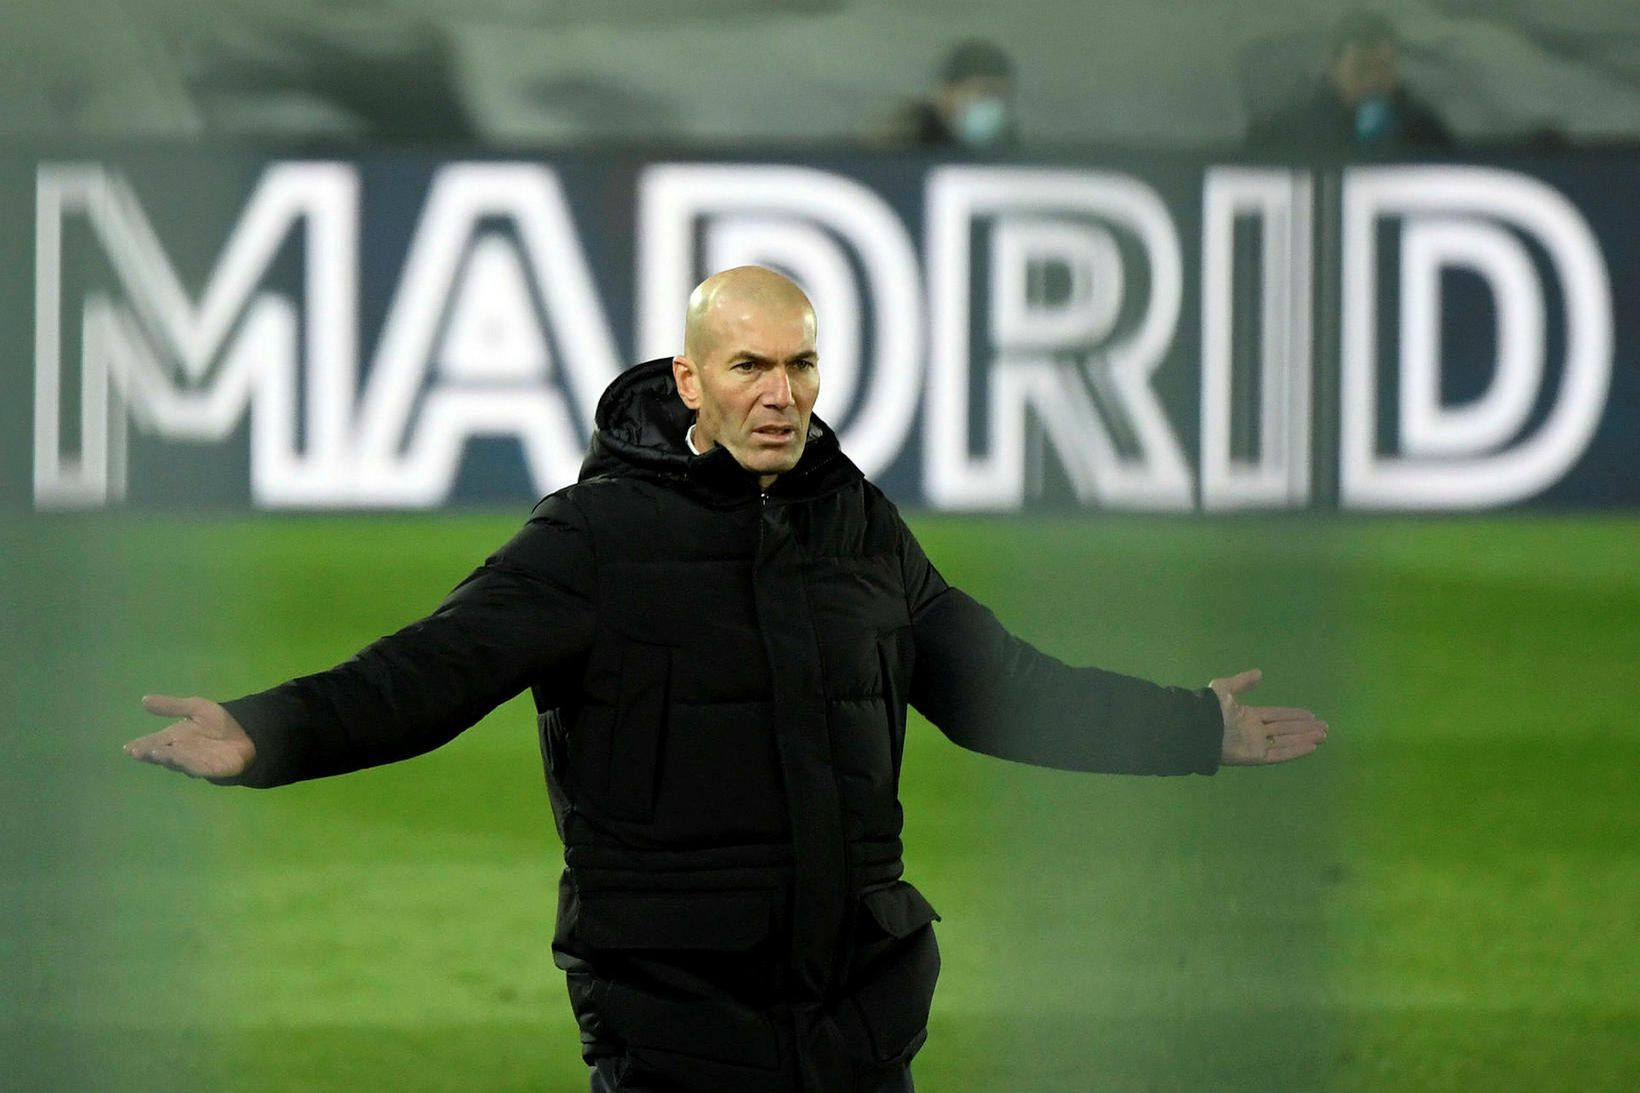 Zinedine Zidane er með kórónuveiruna.